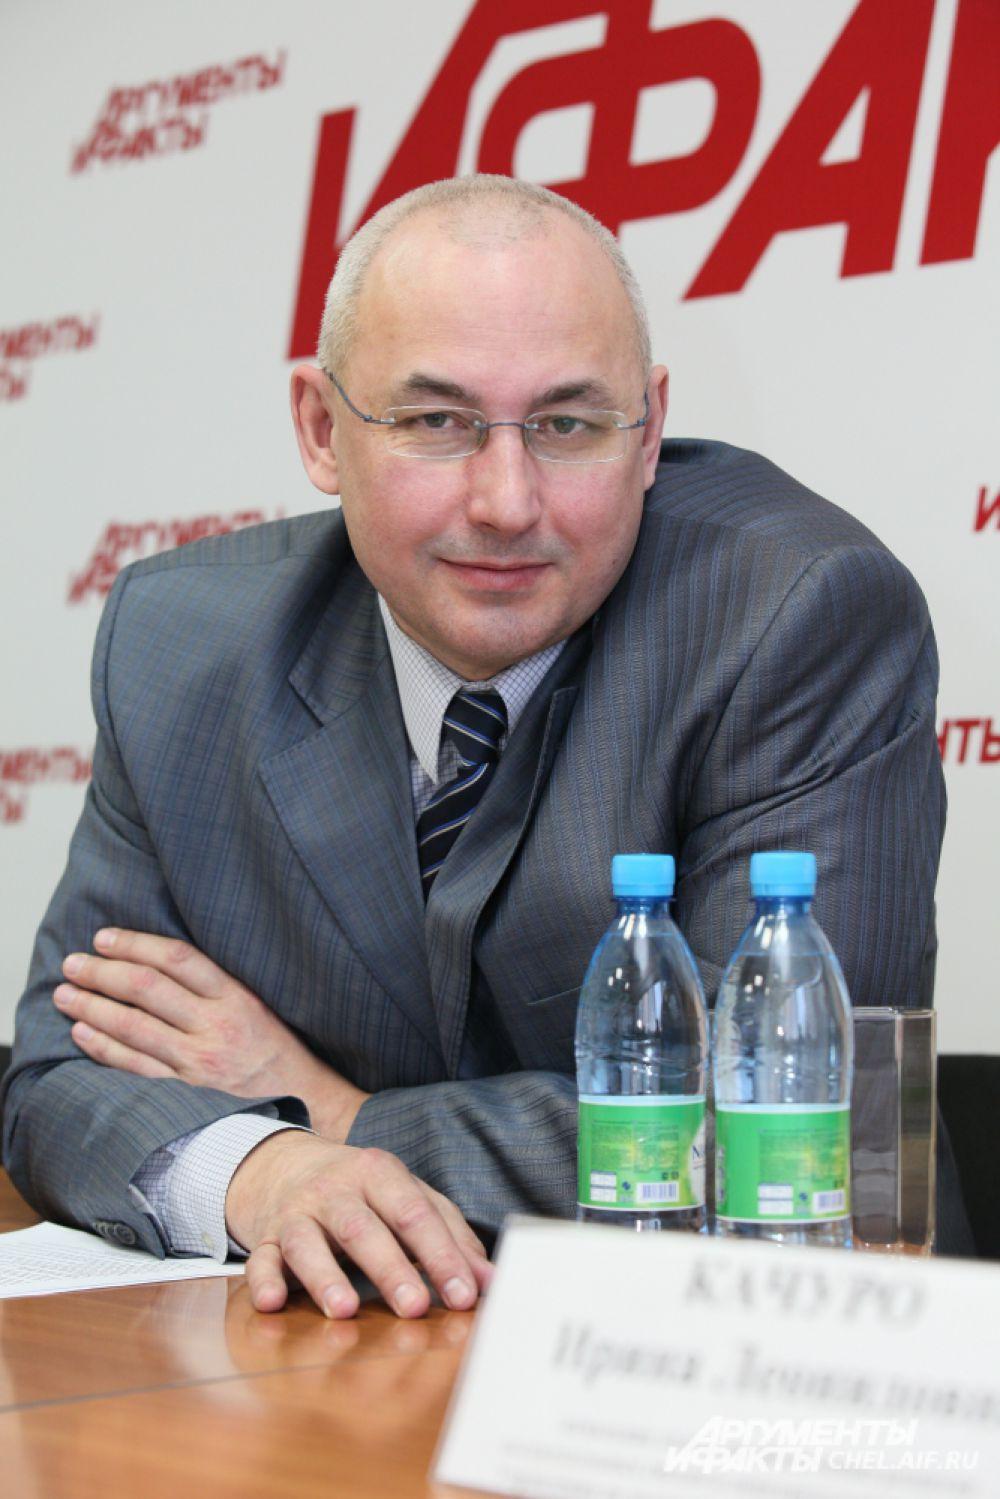 Министр образования и науки Челябинской области  Кузнецов Александр Игоревич.